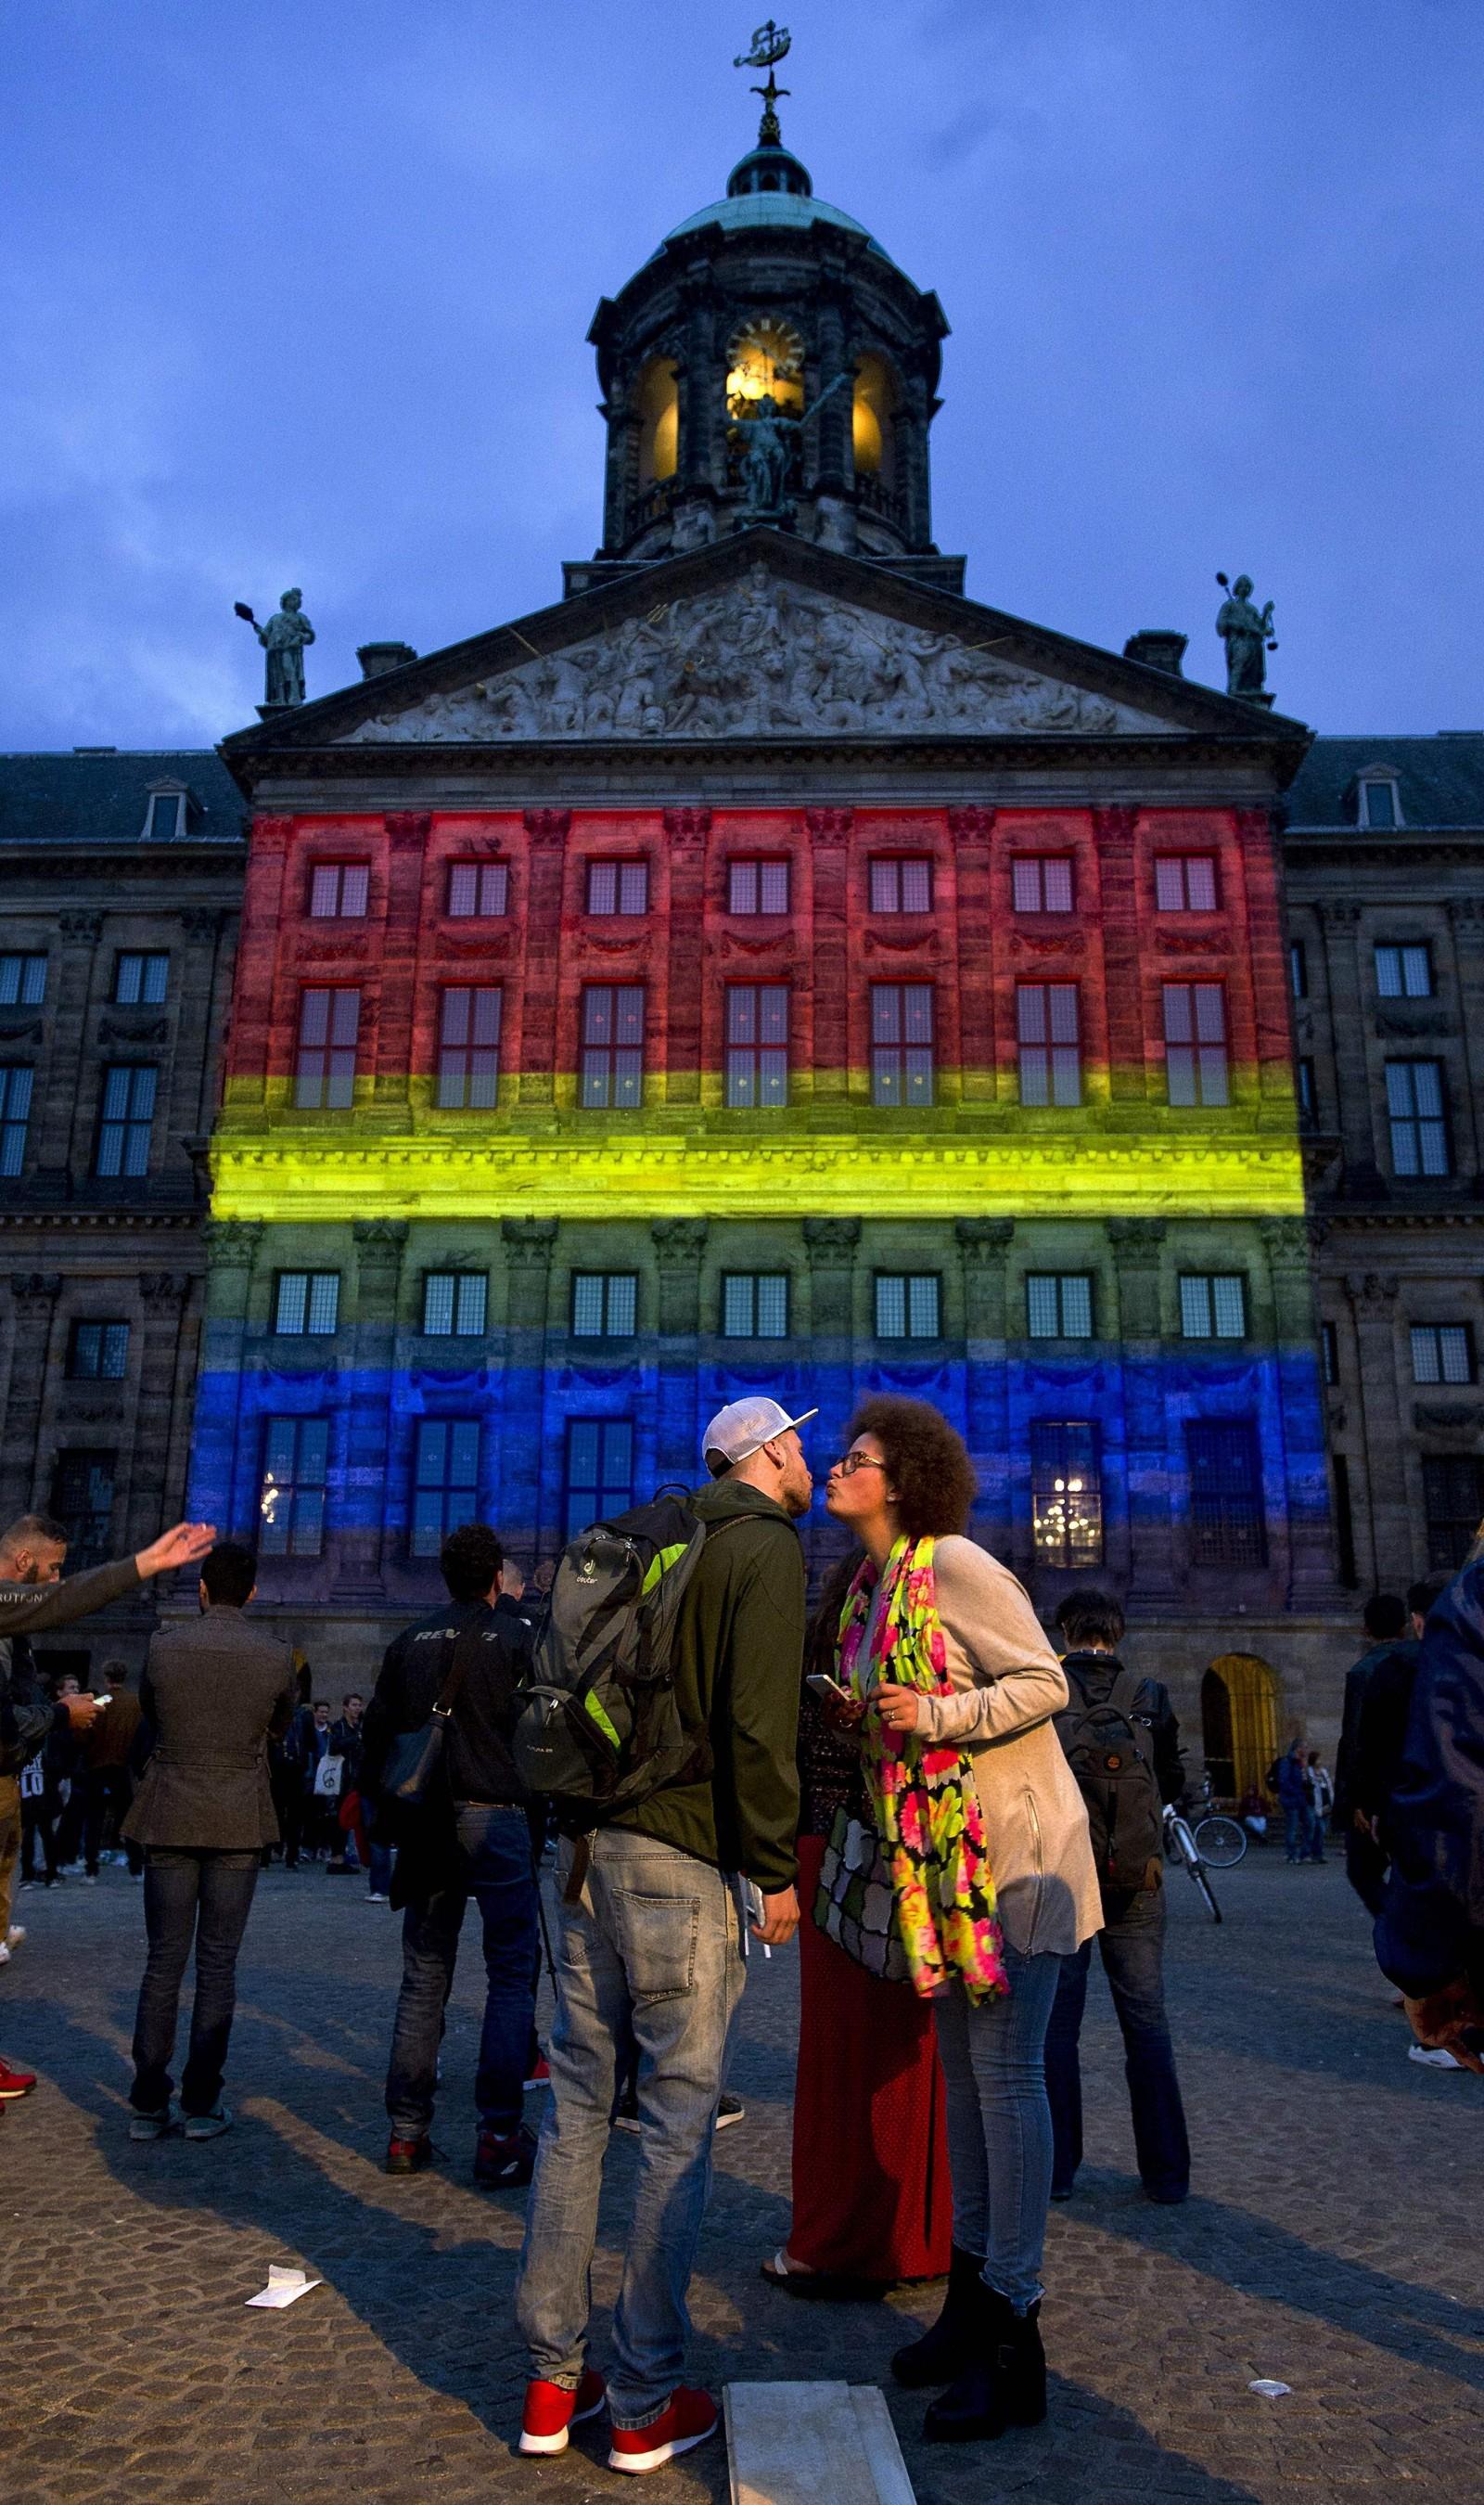 NEDERLAND: I Amsterdam ble det kongelige palasset på Dam plass lyst opp i regnbuens farger og flere møtte opp for å vise sin støtte til ofrene i Orlando.